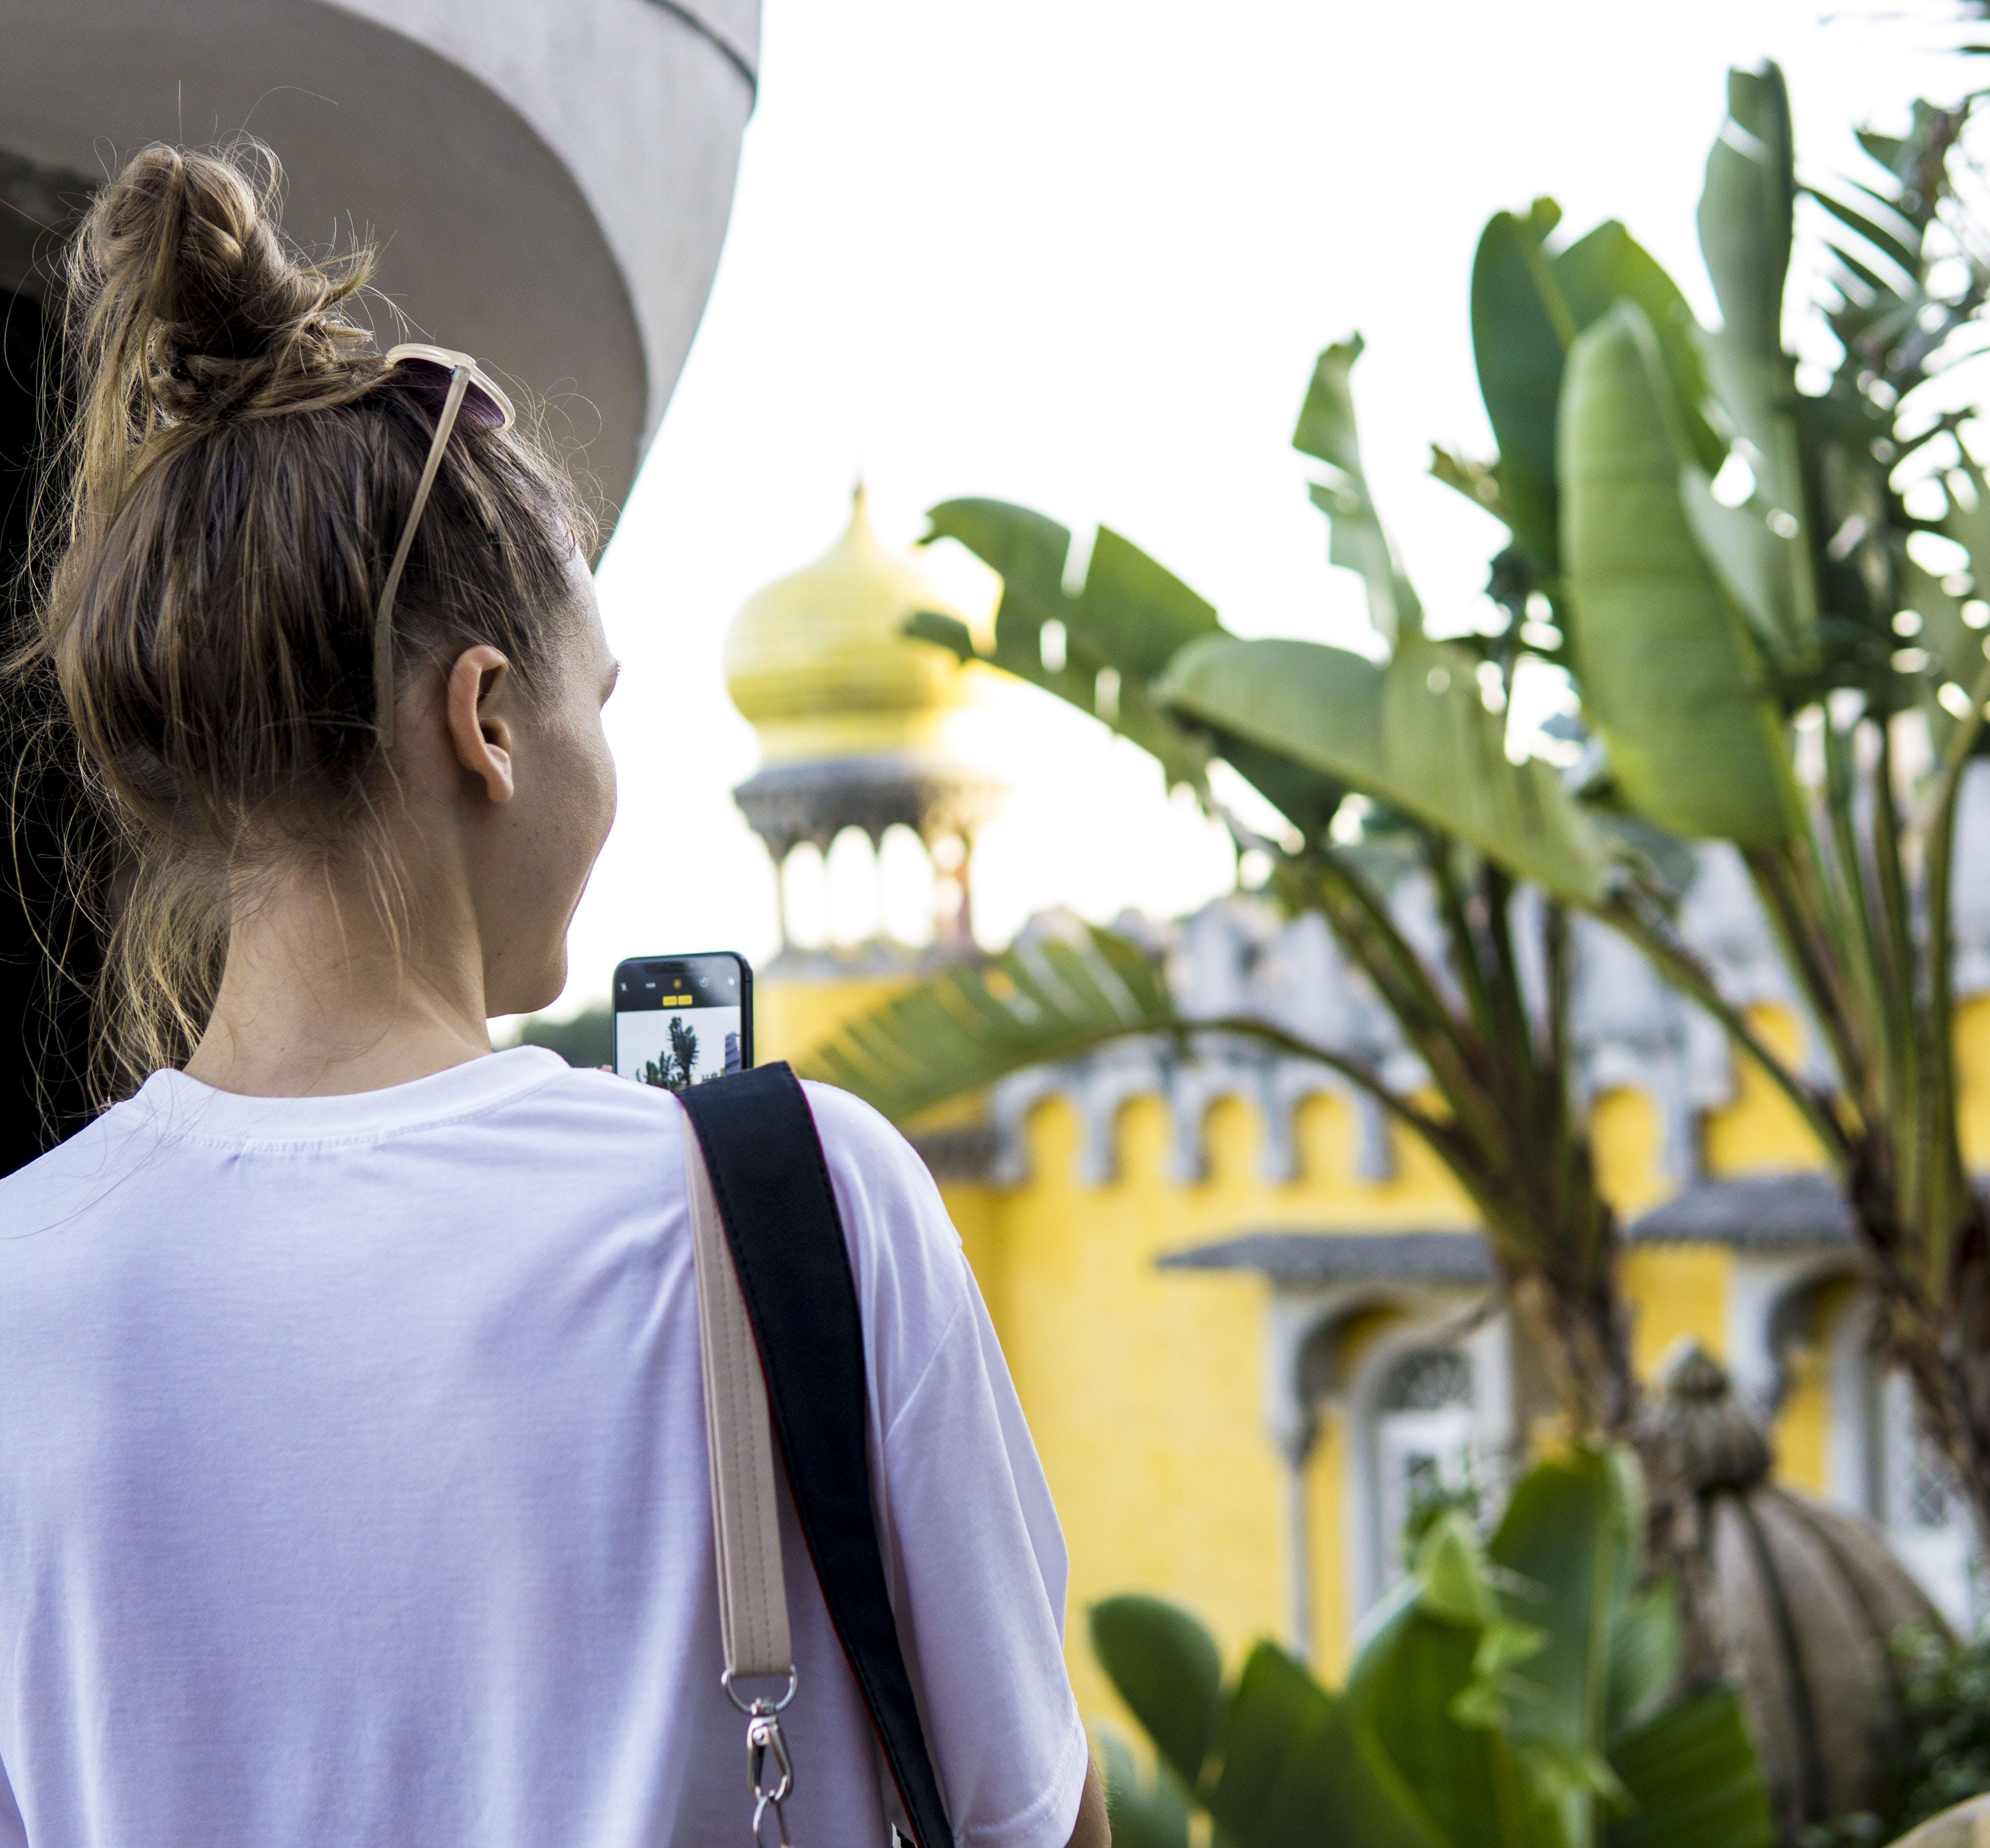 Základová fotografie zdarma na téma banánové listy, banánovníky, blond vlasy, denní světlo